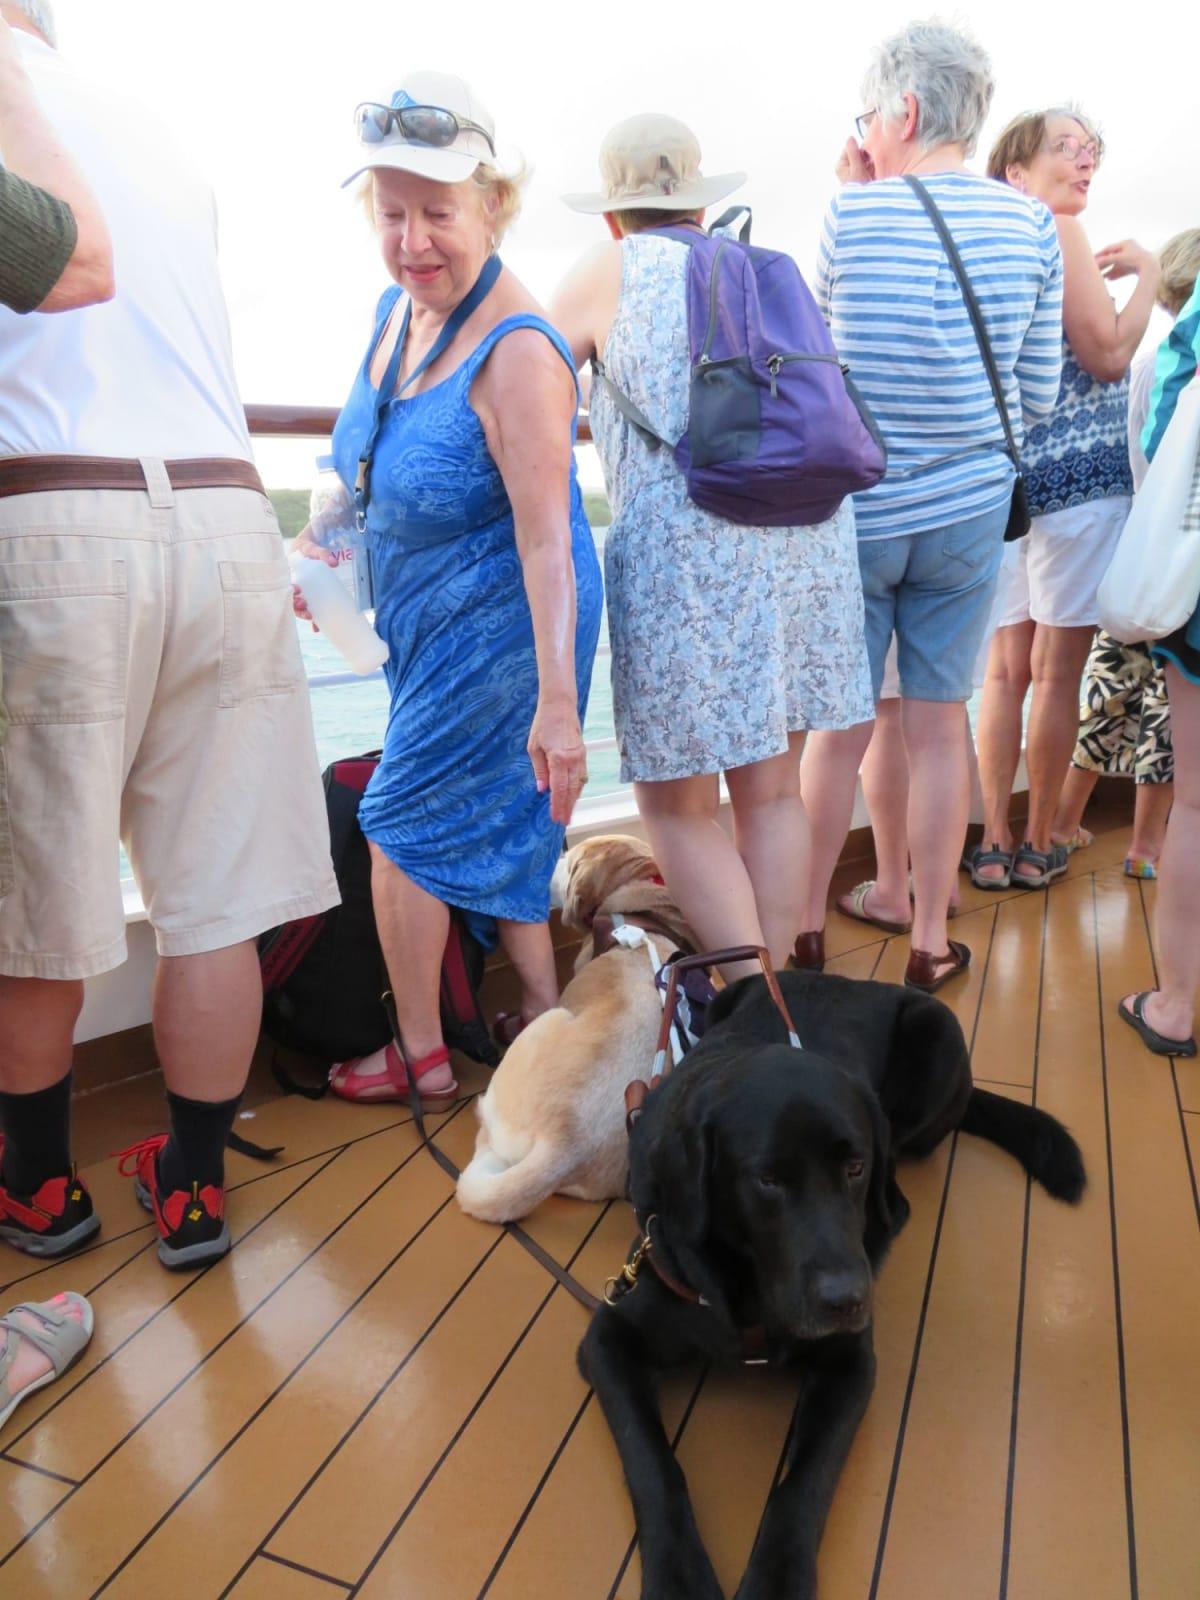 介助犬もパナマ運河見物 | 客船ニュー・アムステルダムの乗客